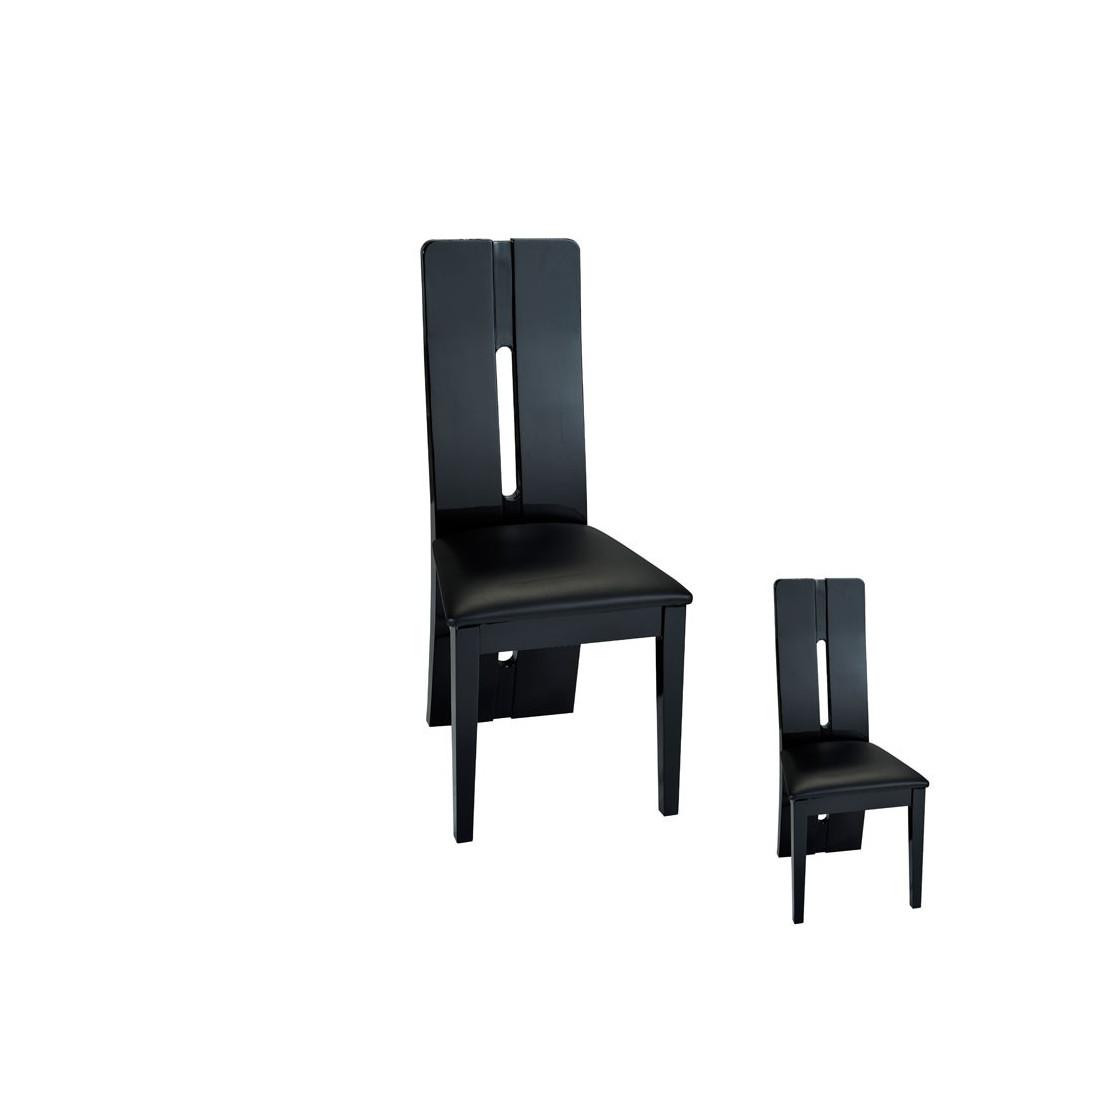 duo de chaises simili cuir noir fily univers assises tousmesmeubles. Black Bedroom Furniture Sets. Home Design Ideas